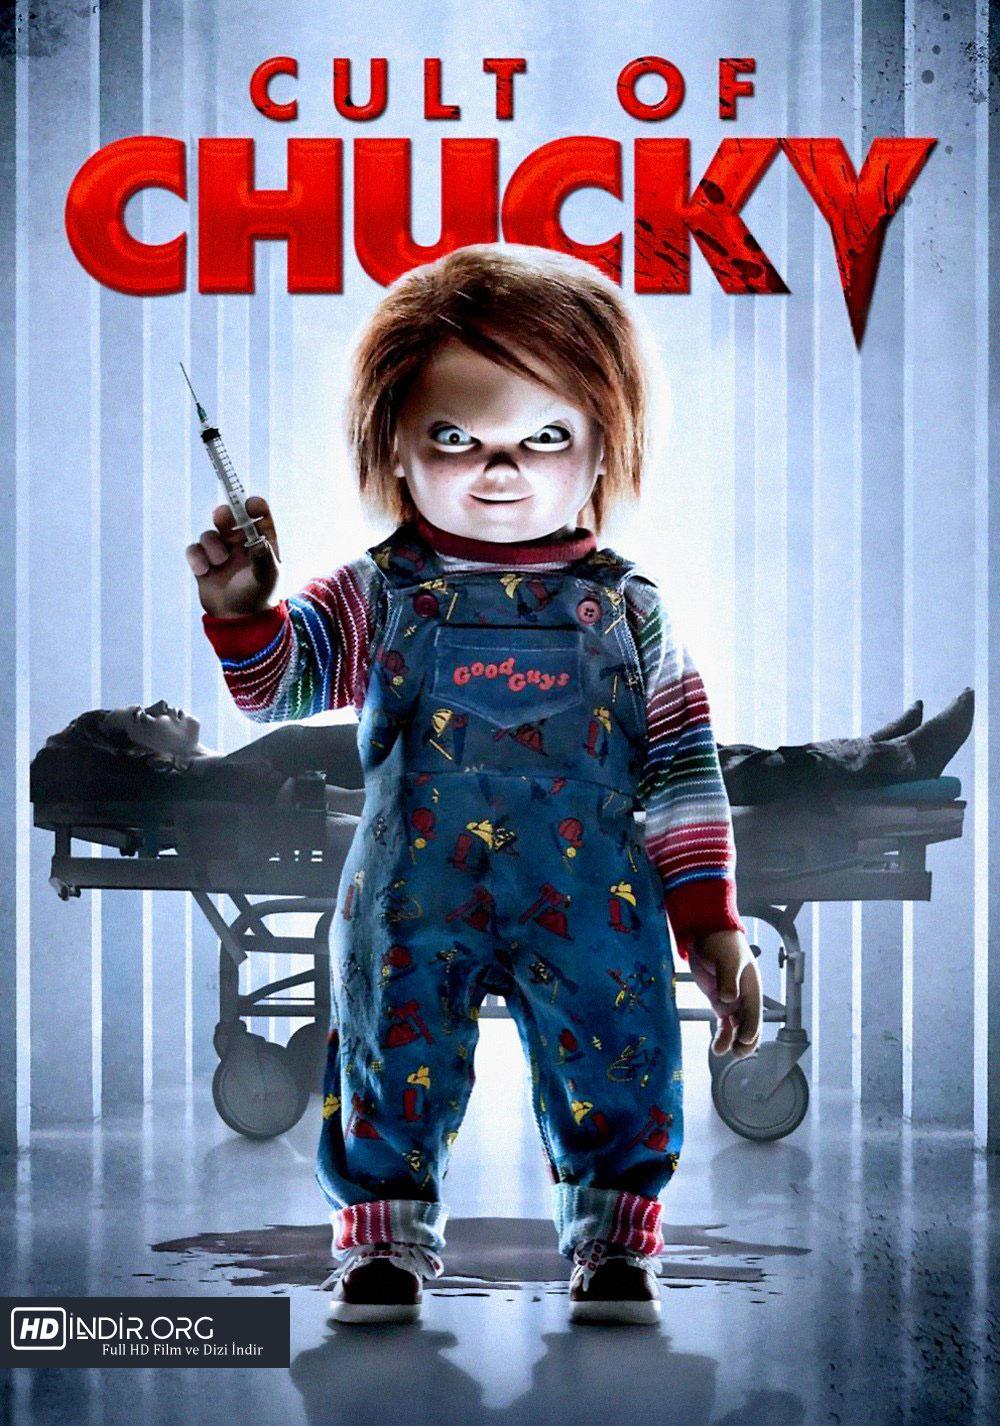 Chucky Geri Dönüyor - Cult of Chucky (2017) Türkçe Dublaj BRRip HD indir